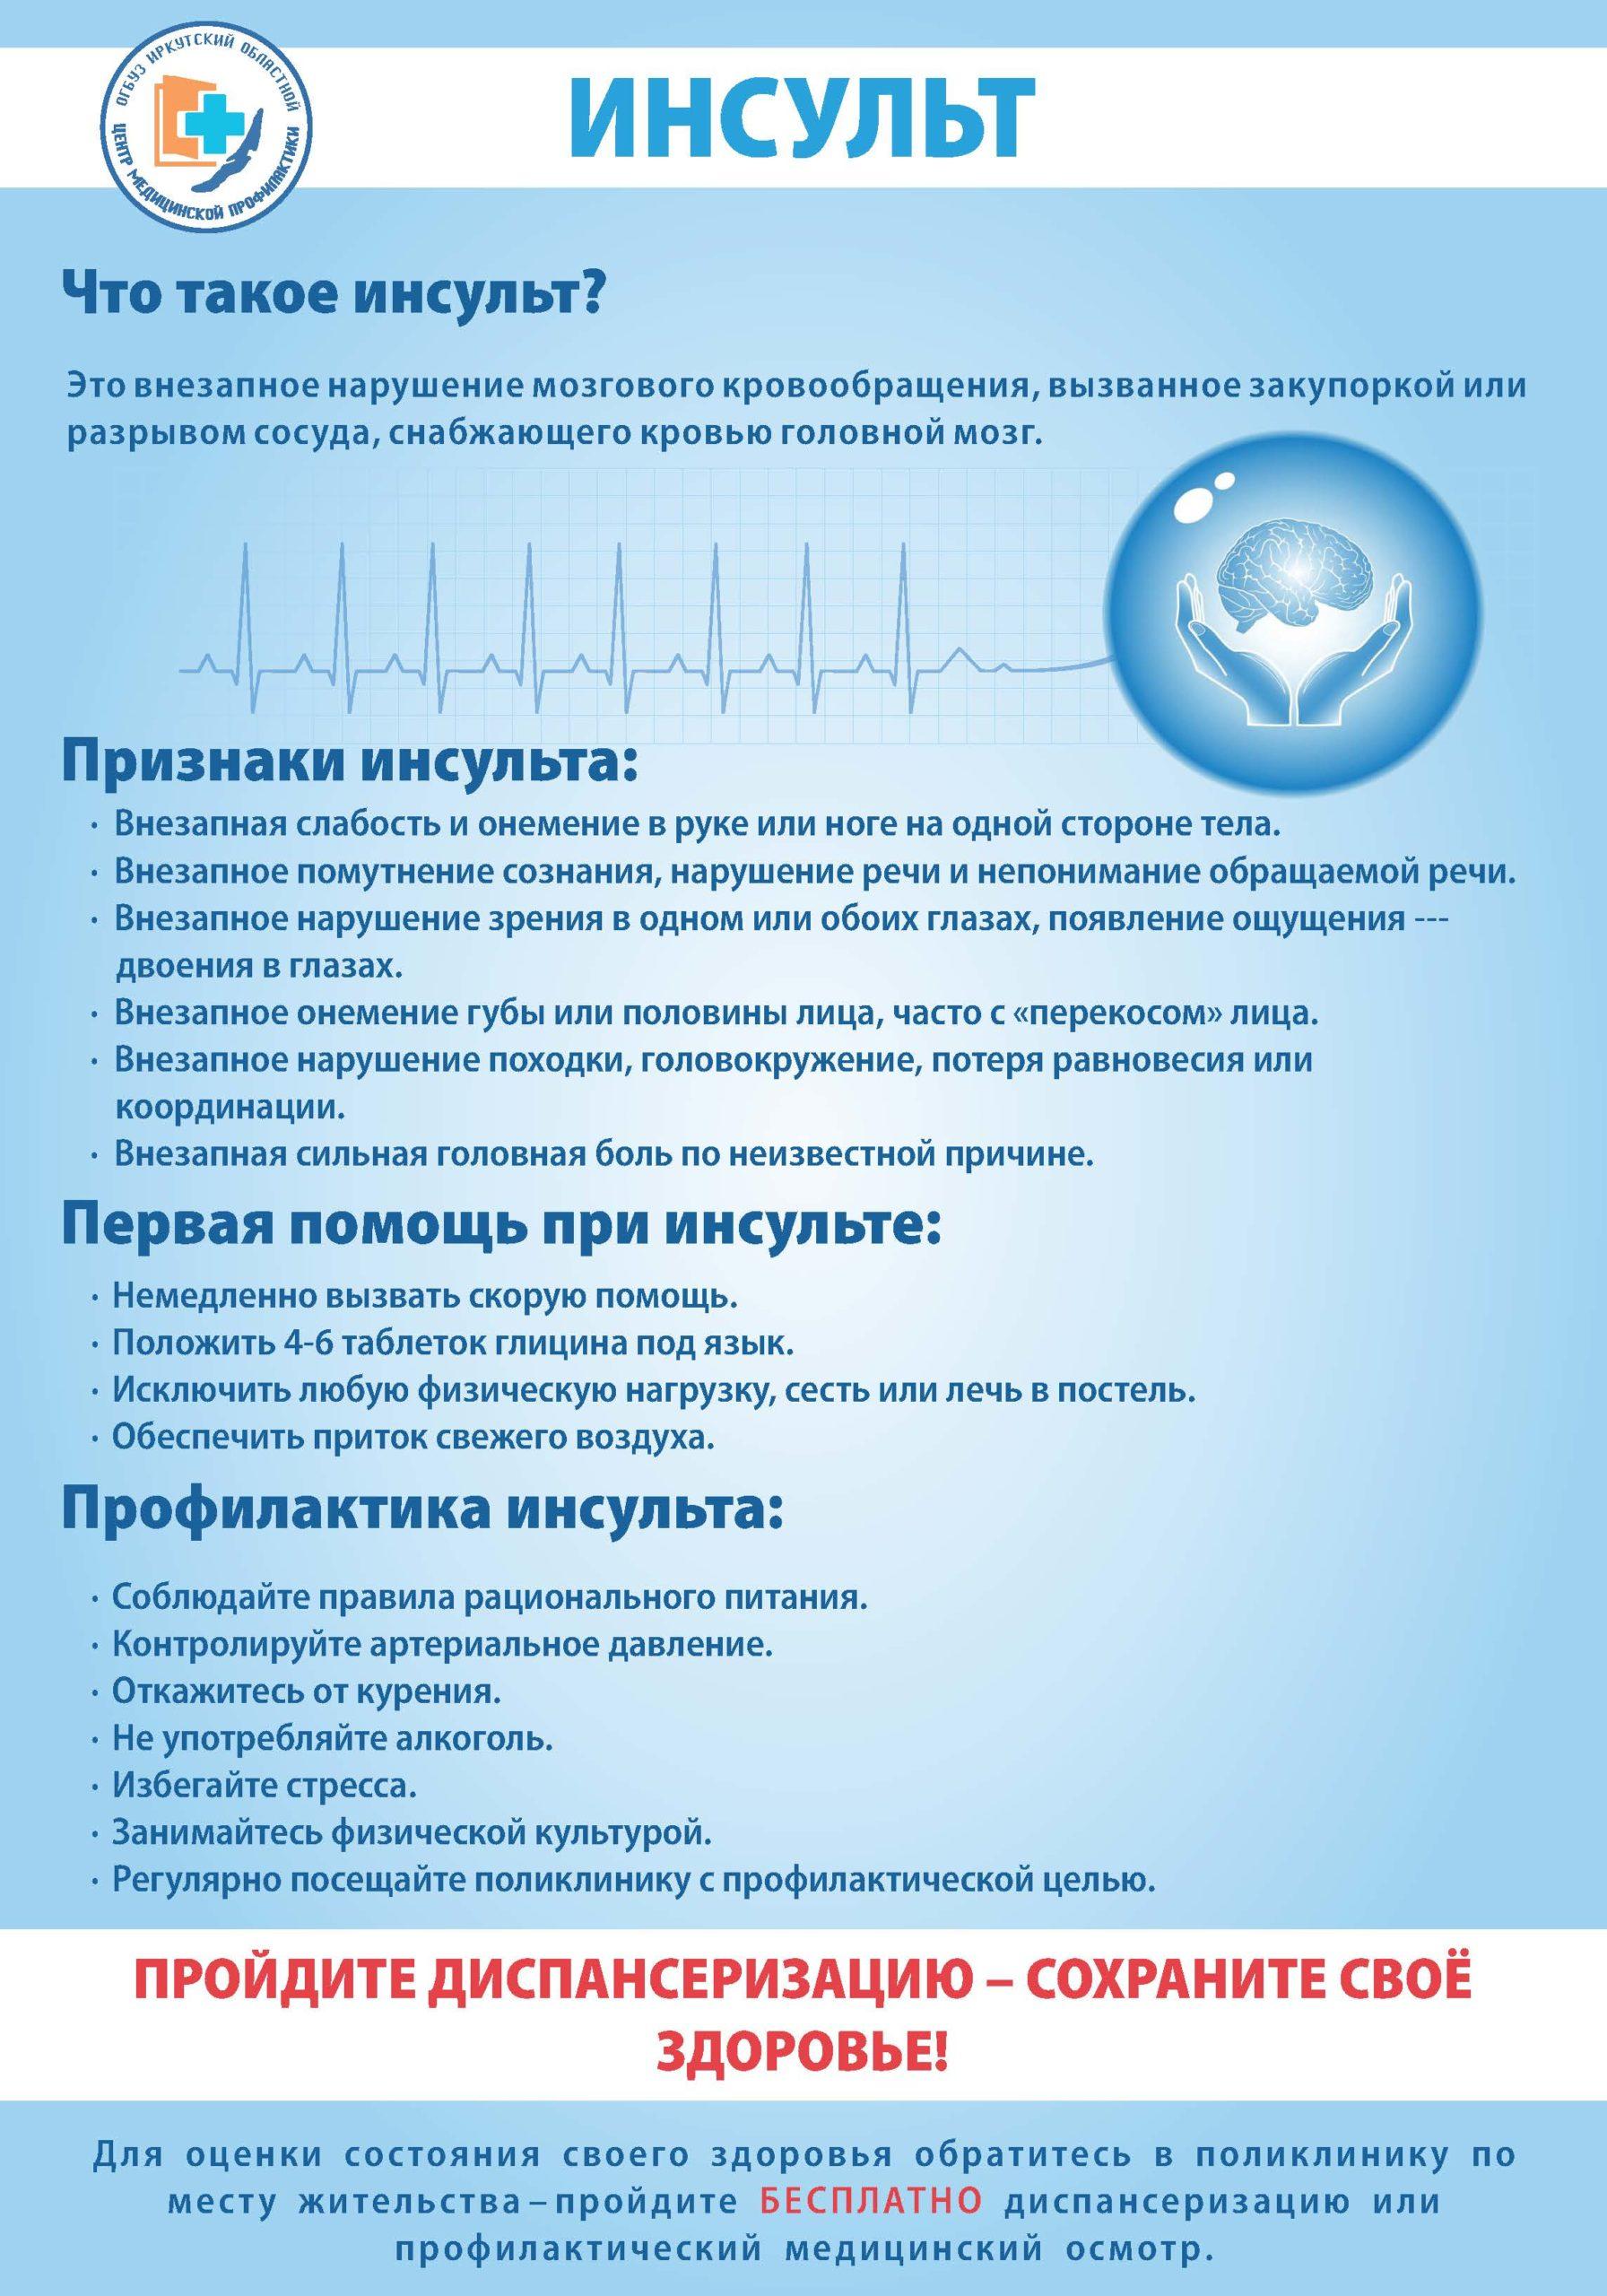 Всемирный день борьбы с инсультом 29 октября 2020г.